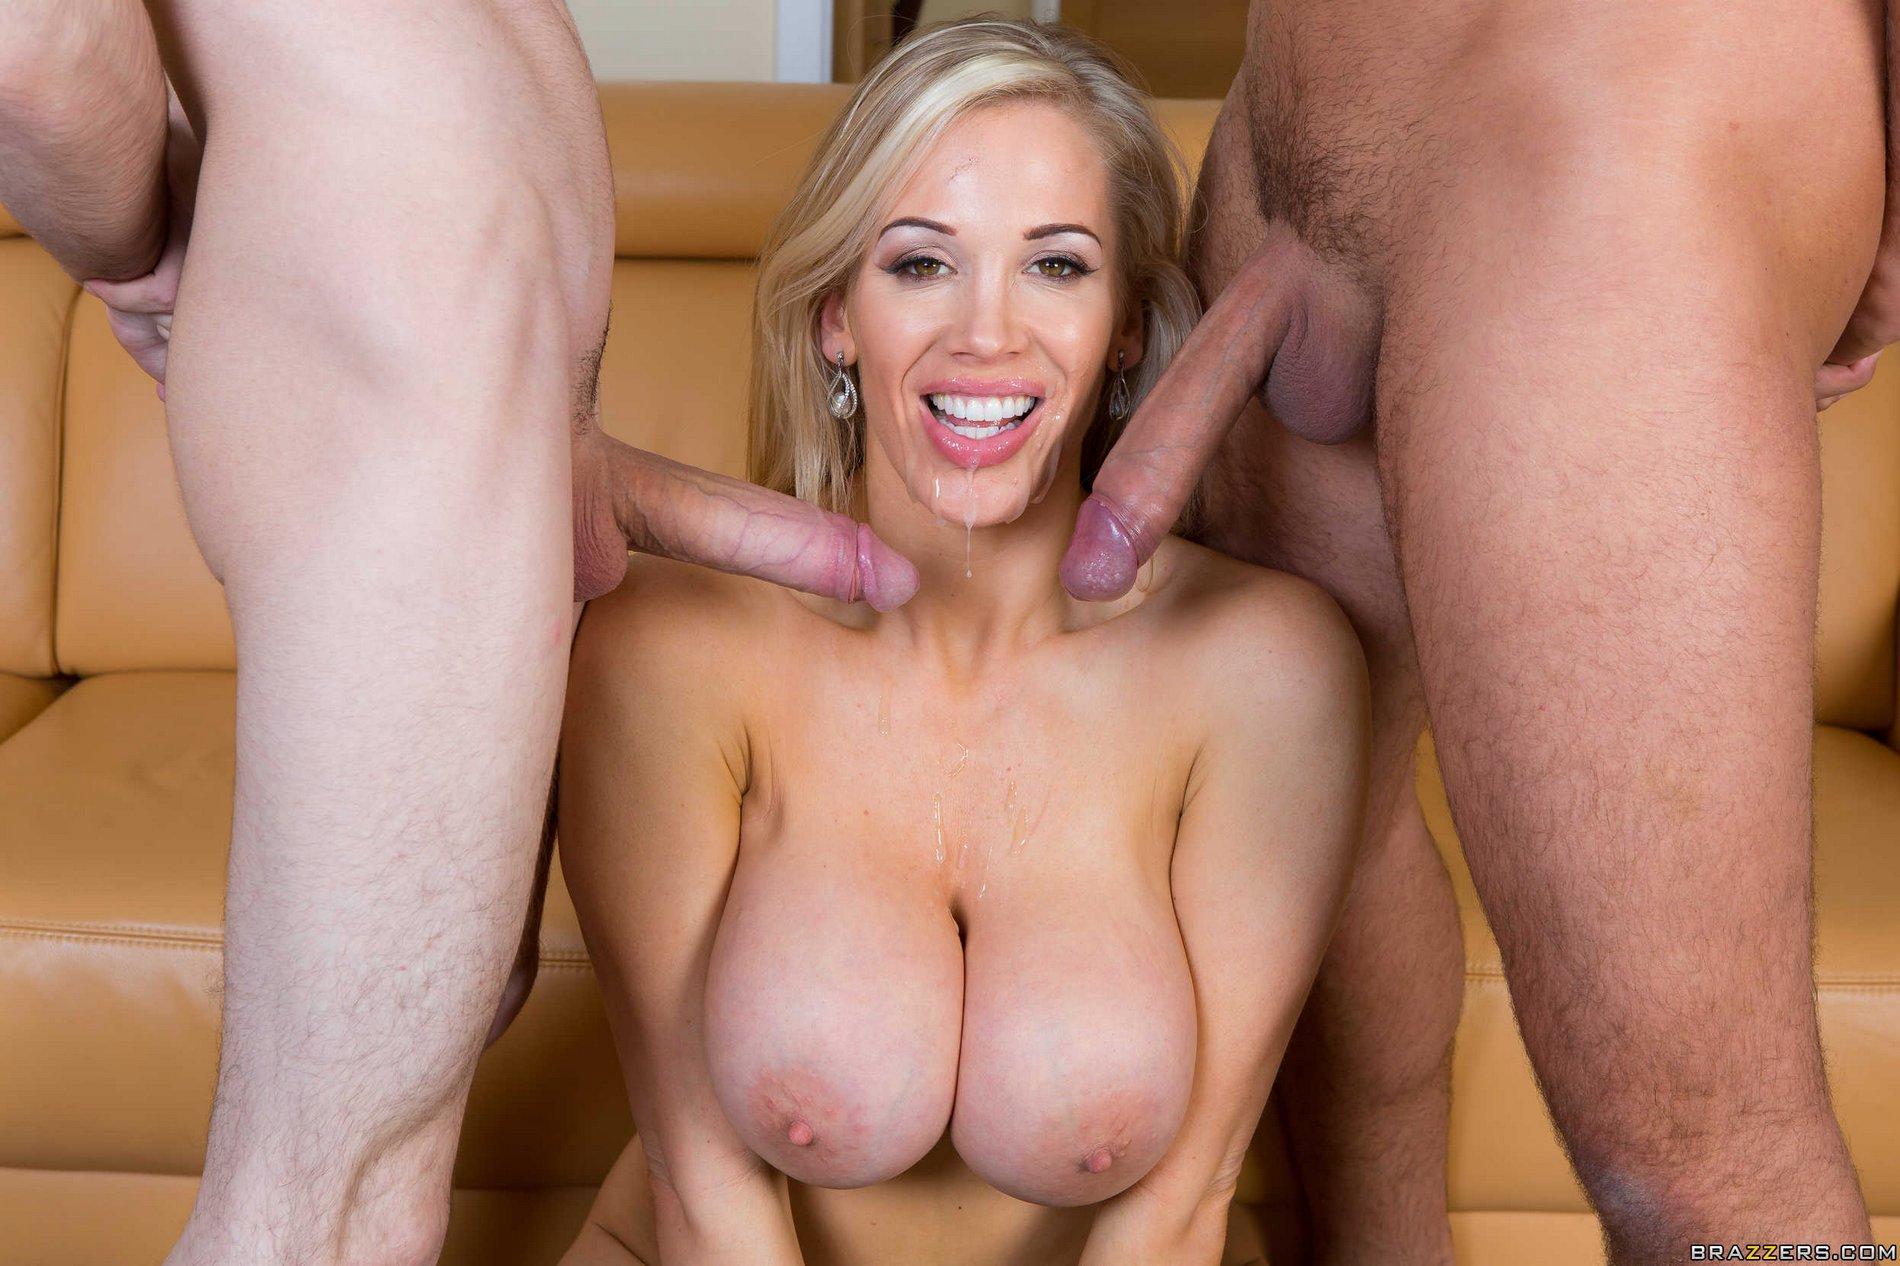 Porn star moore Rebecca